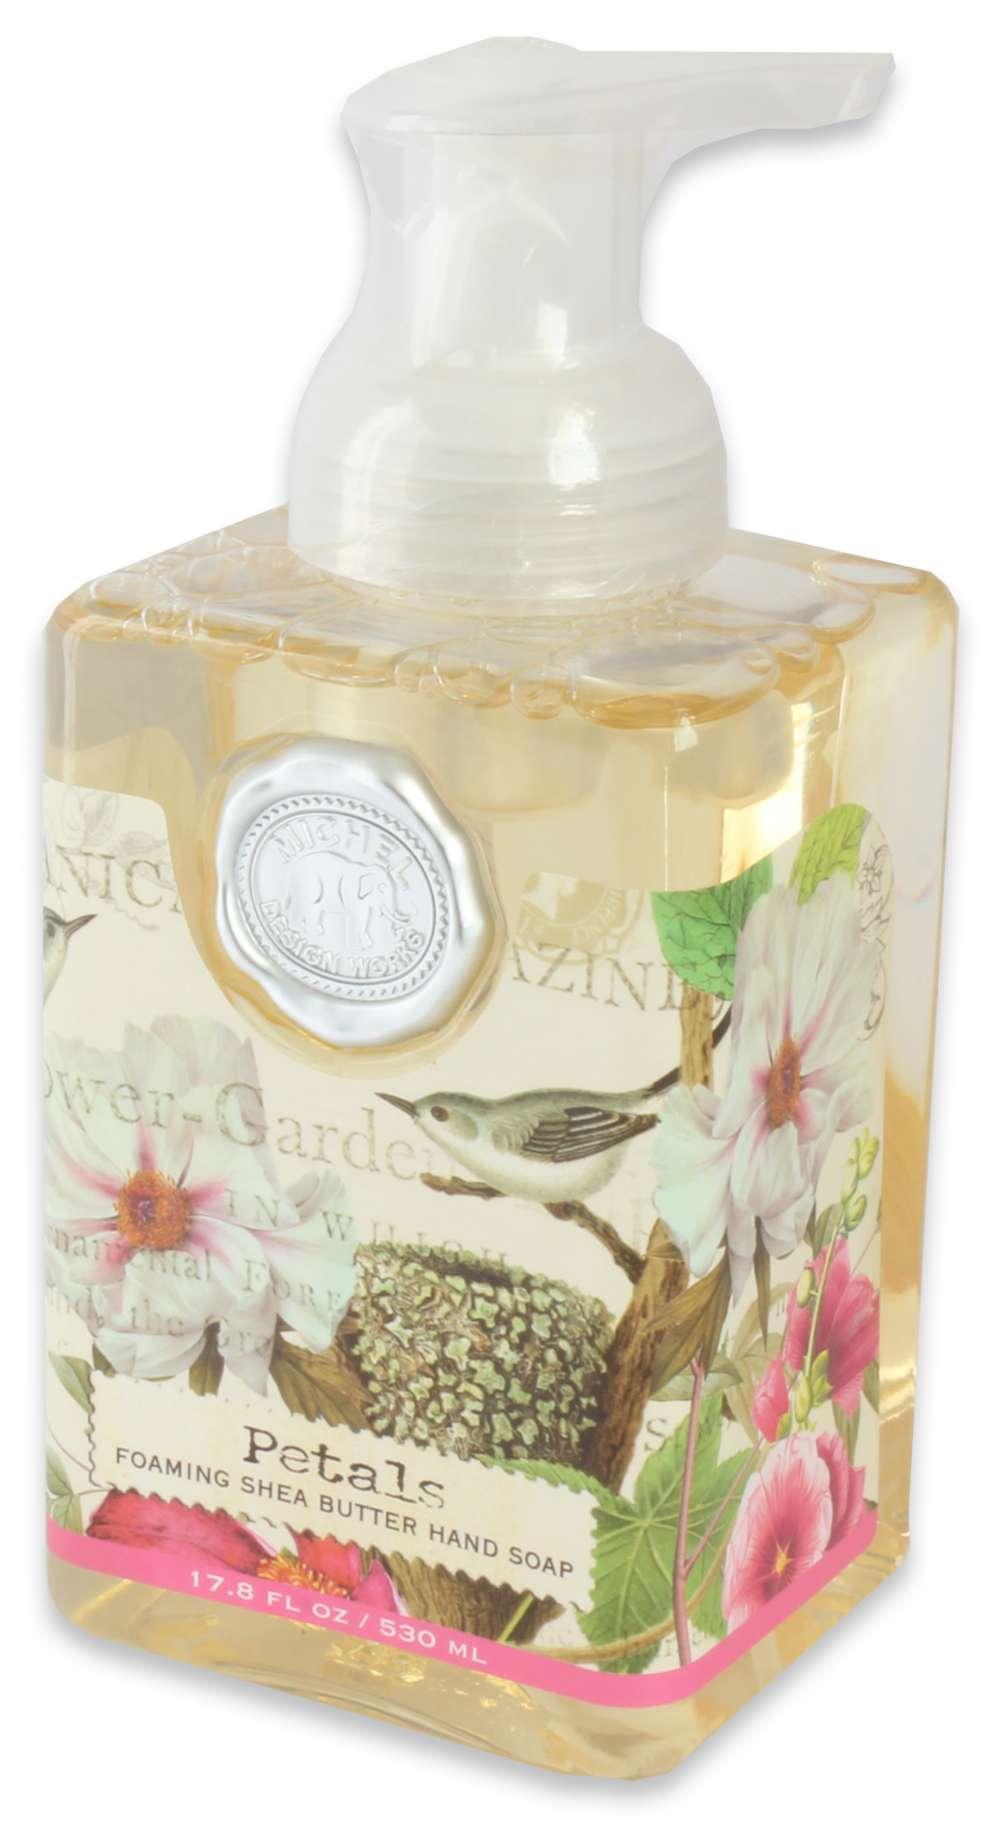 Michel Design Works - Petals Foaming Hand Soap